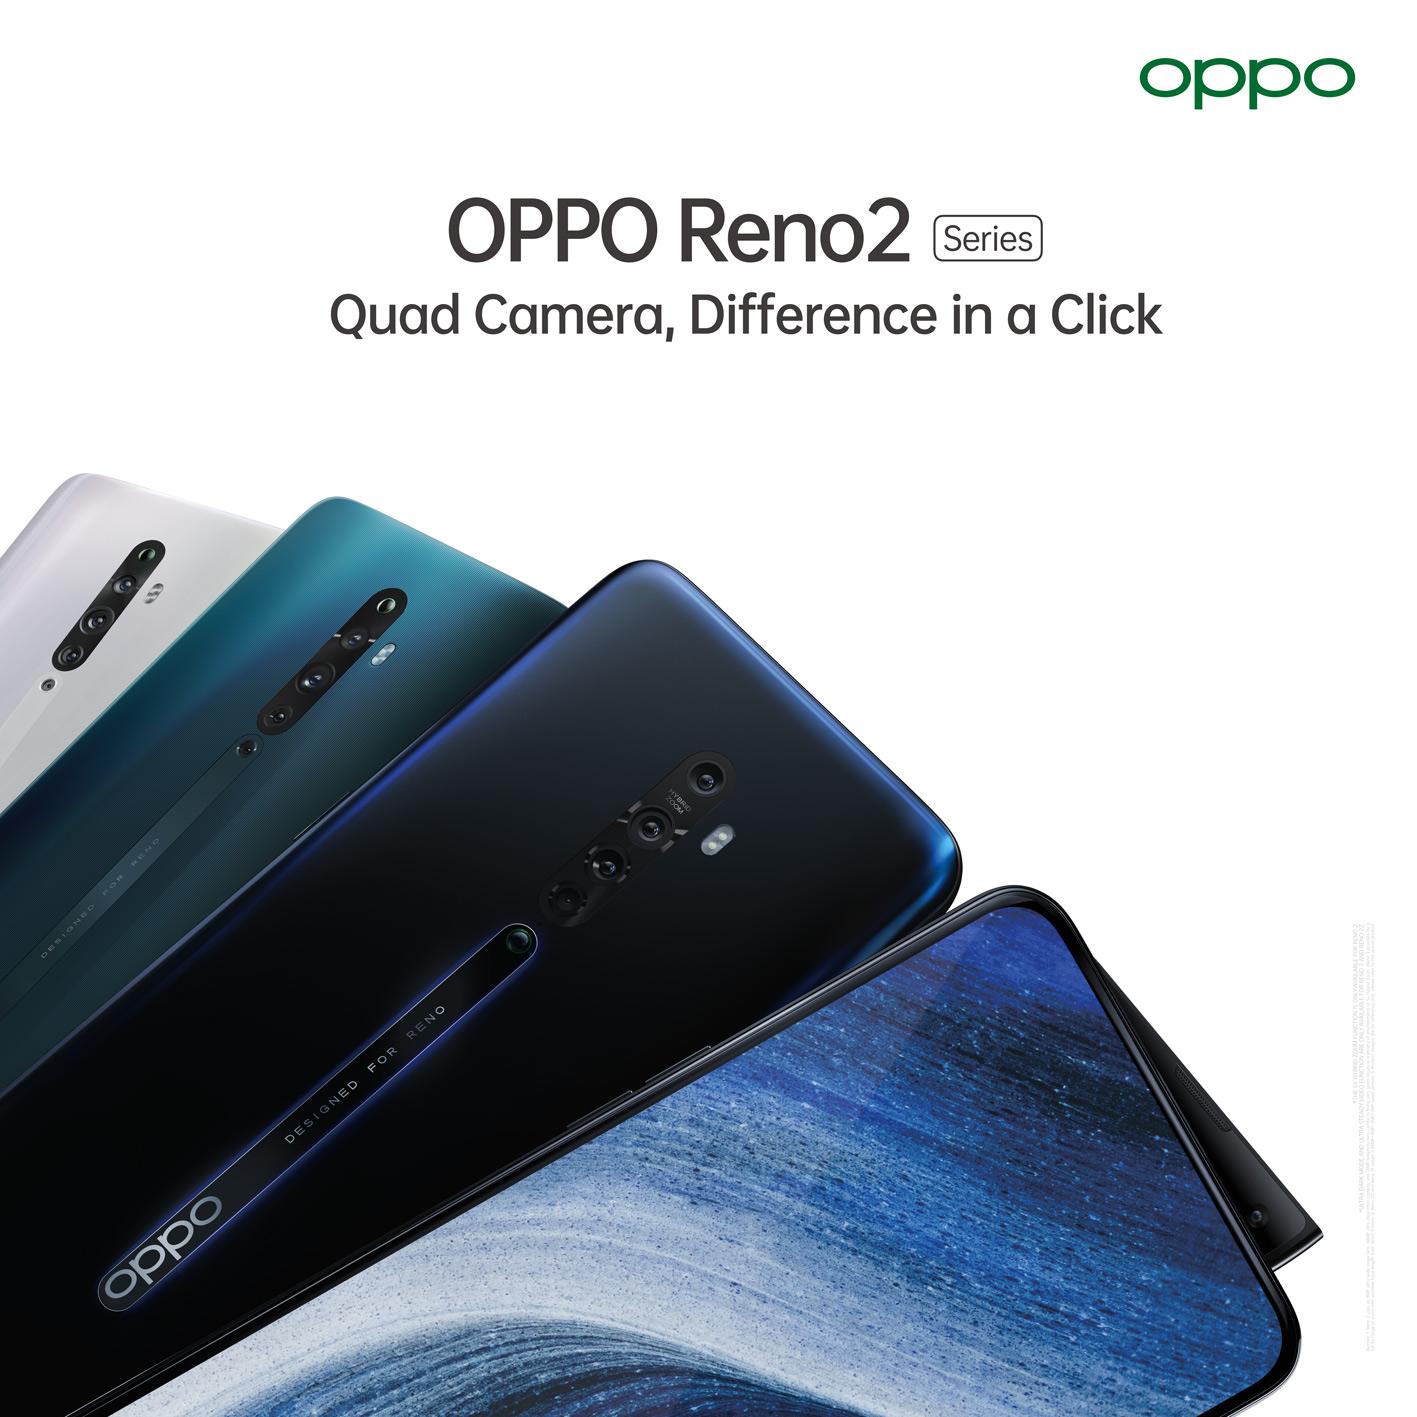 OPPO تطلق سلسلة Reno2 بالسوق التونسي لصياغة مفاهيم الإبداع في التصوير بالهاتف الذكي: